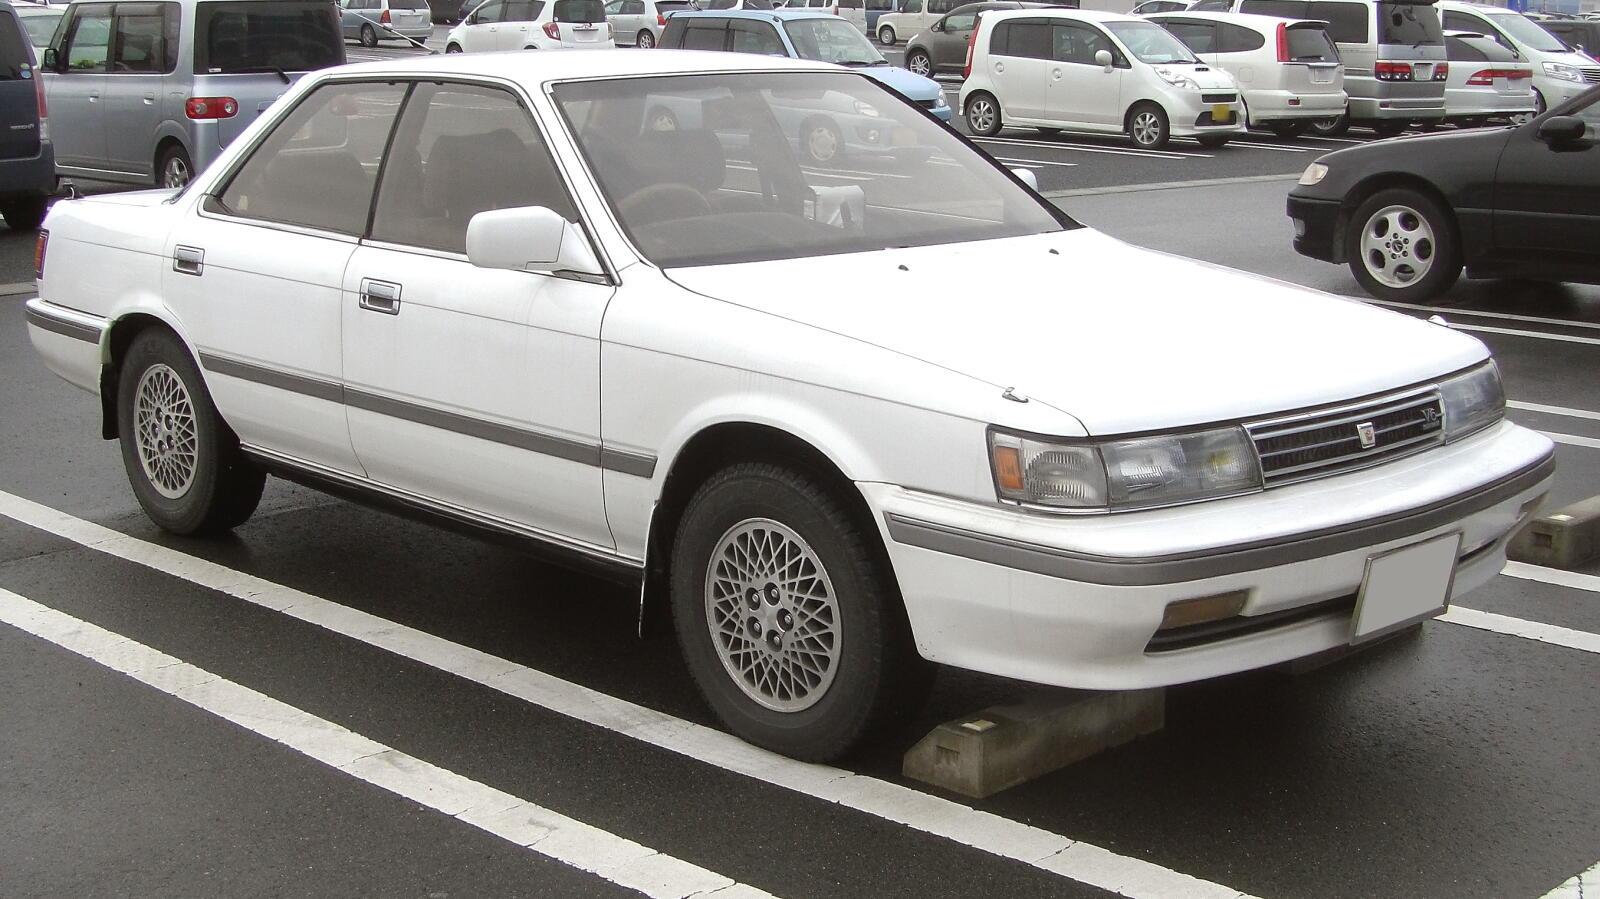 Toyota Vista I (V10) 1982 - 1986 Hatchback 5 door #1